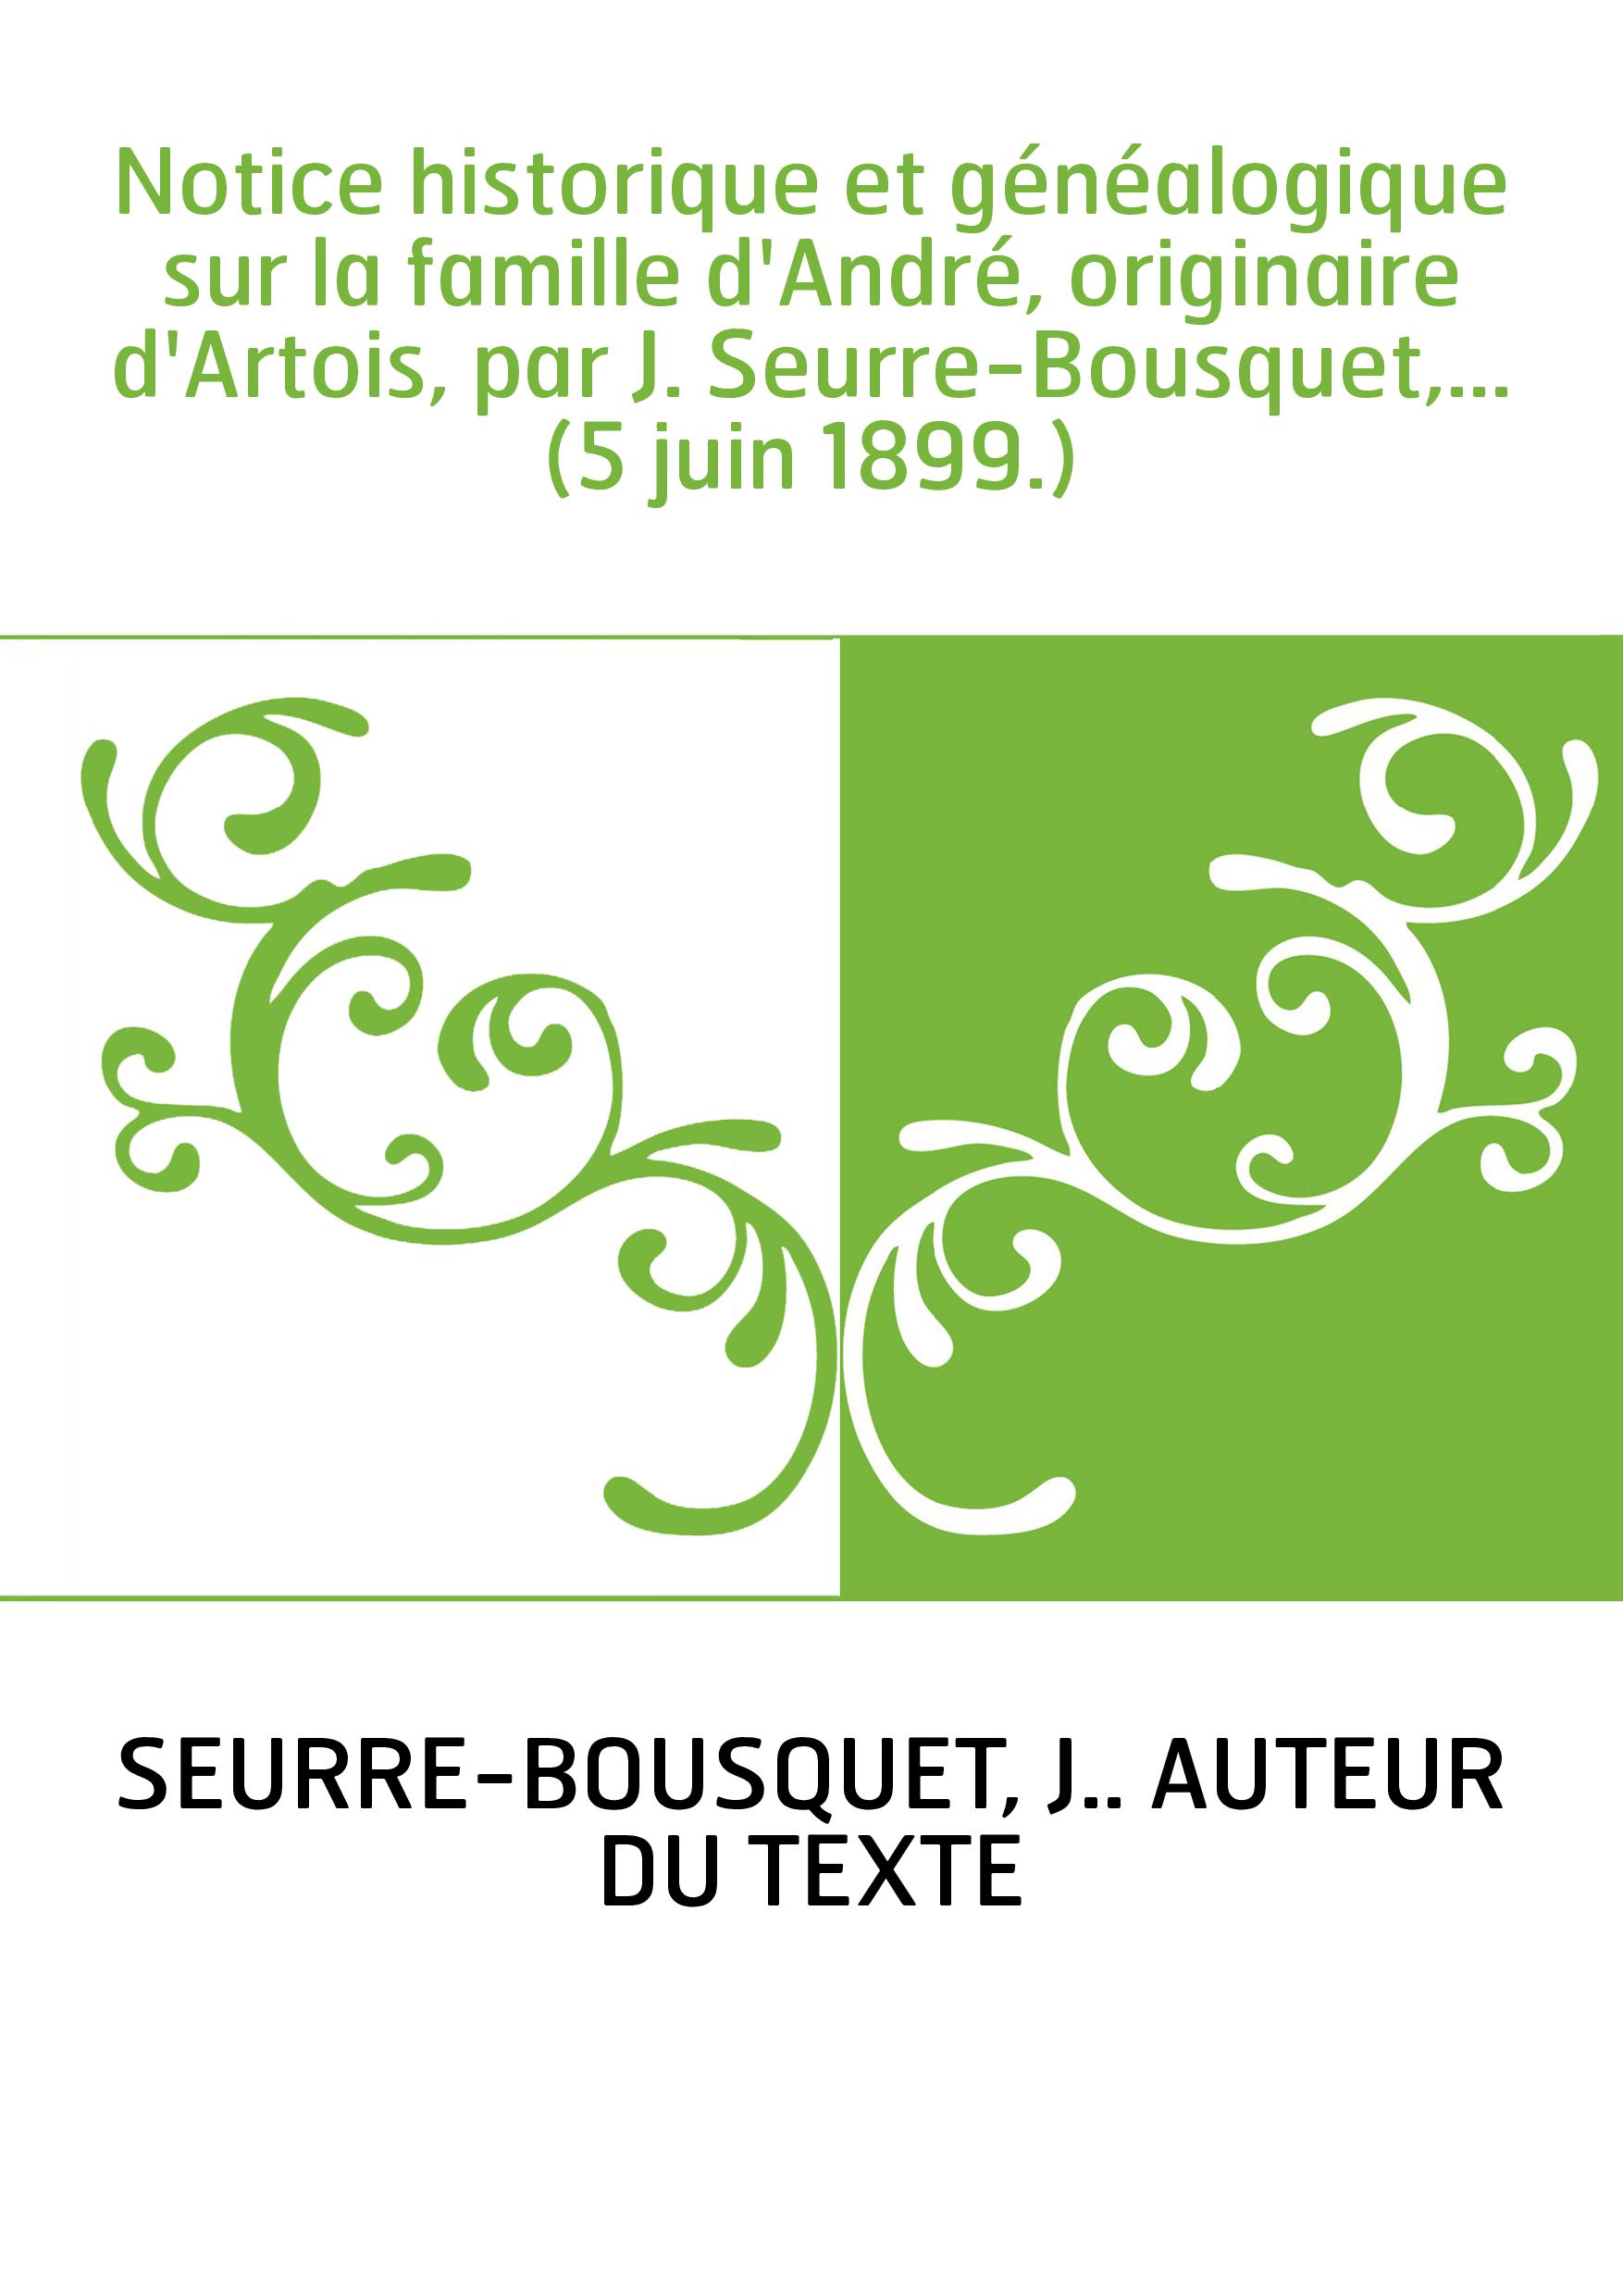 Notice historique et généalogique sur la famille d'André, originaire d'Artois, par J. Seurre-Bousquet,... (5 juin 1899.)